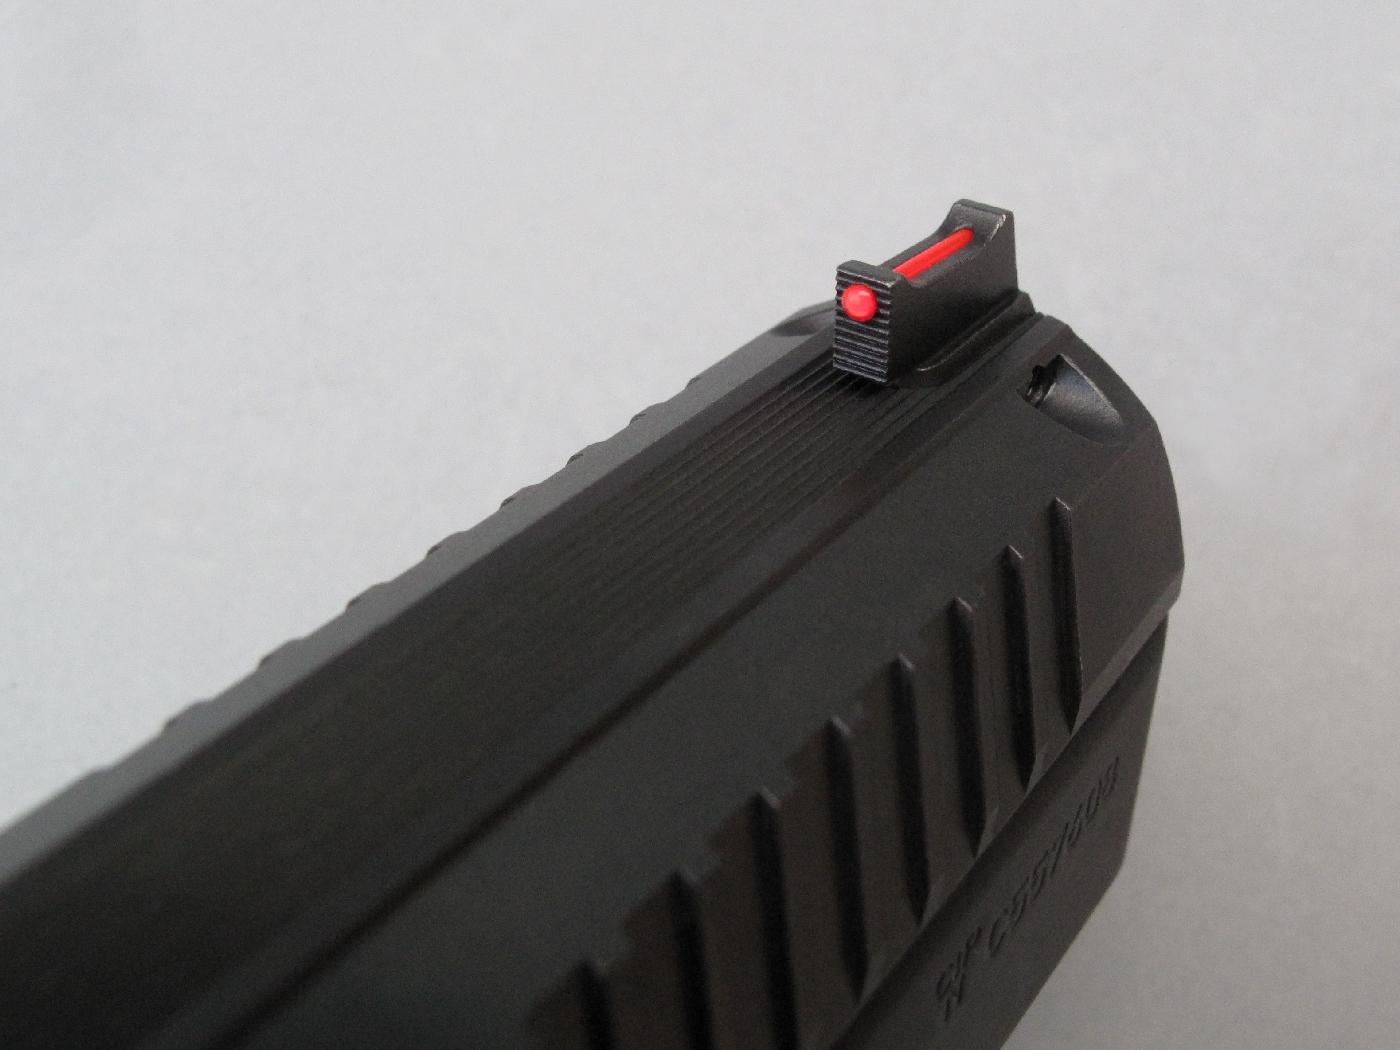 Les guidons de ces deux pistolets bénéficient du remarquable contraste que leur apporte l'intégration d'une fibre optique de couleur rouge.